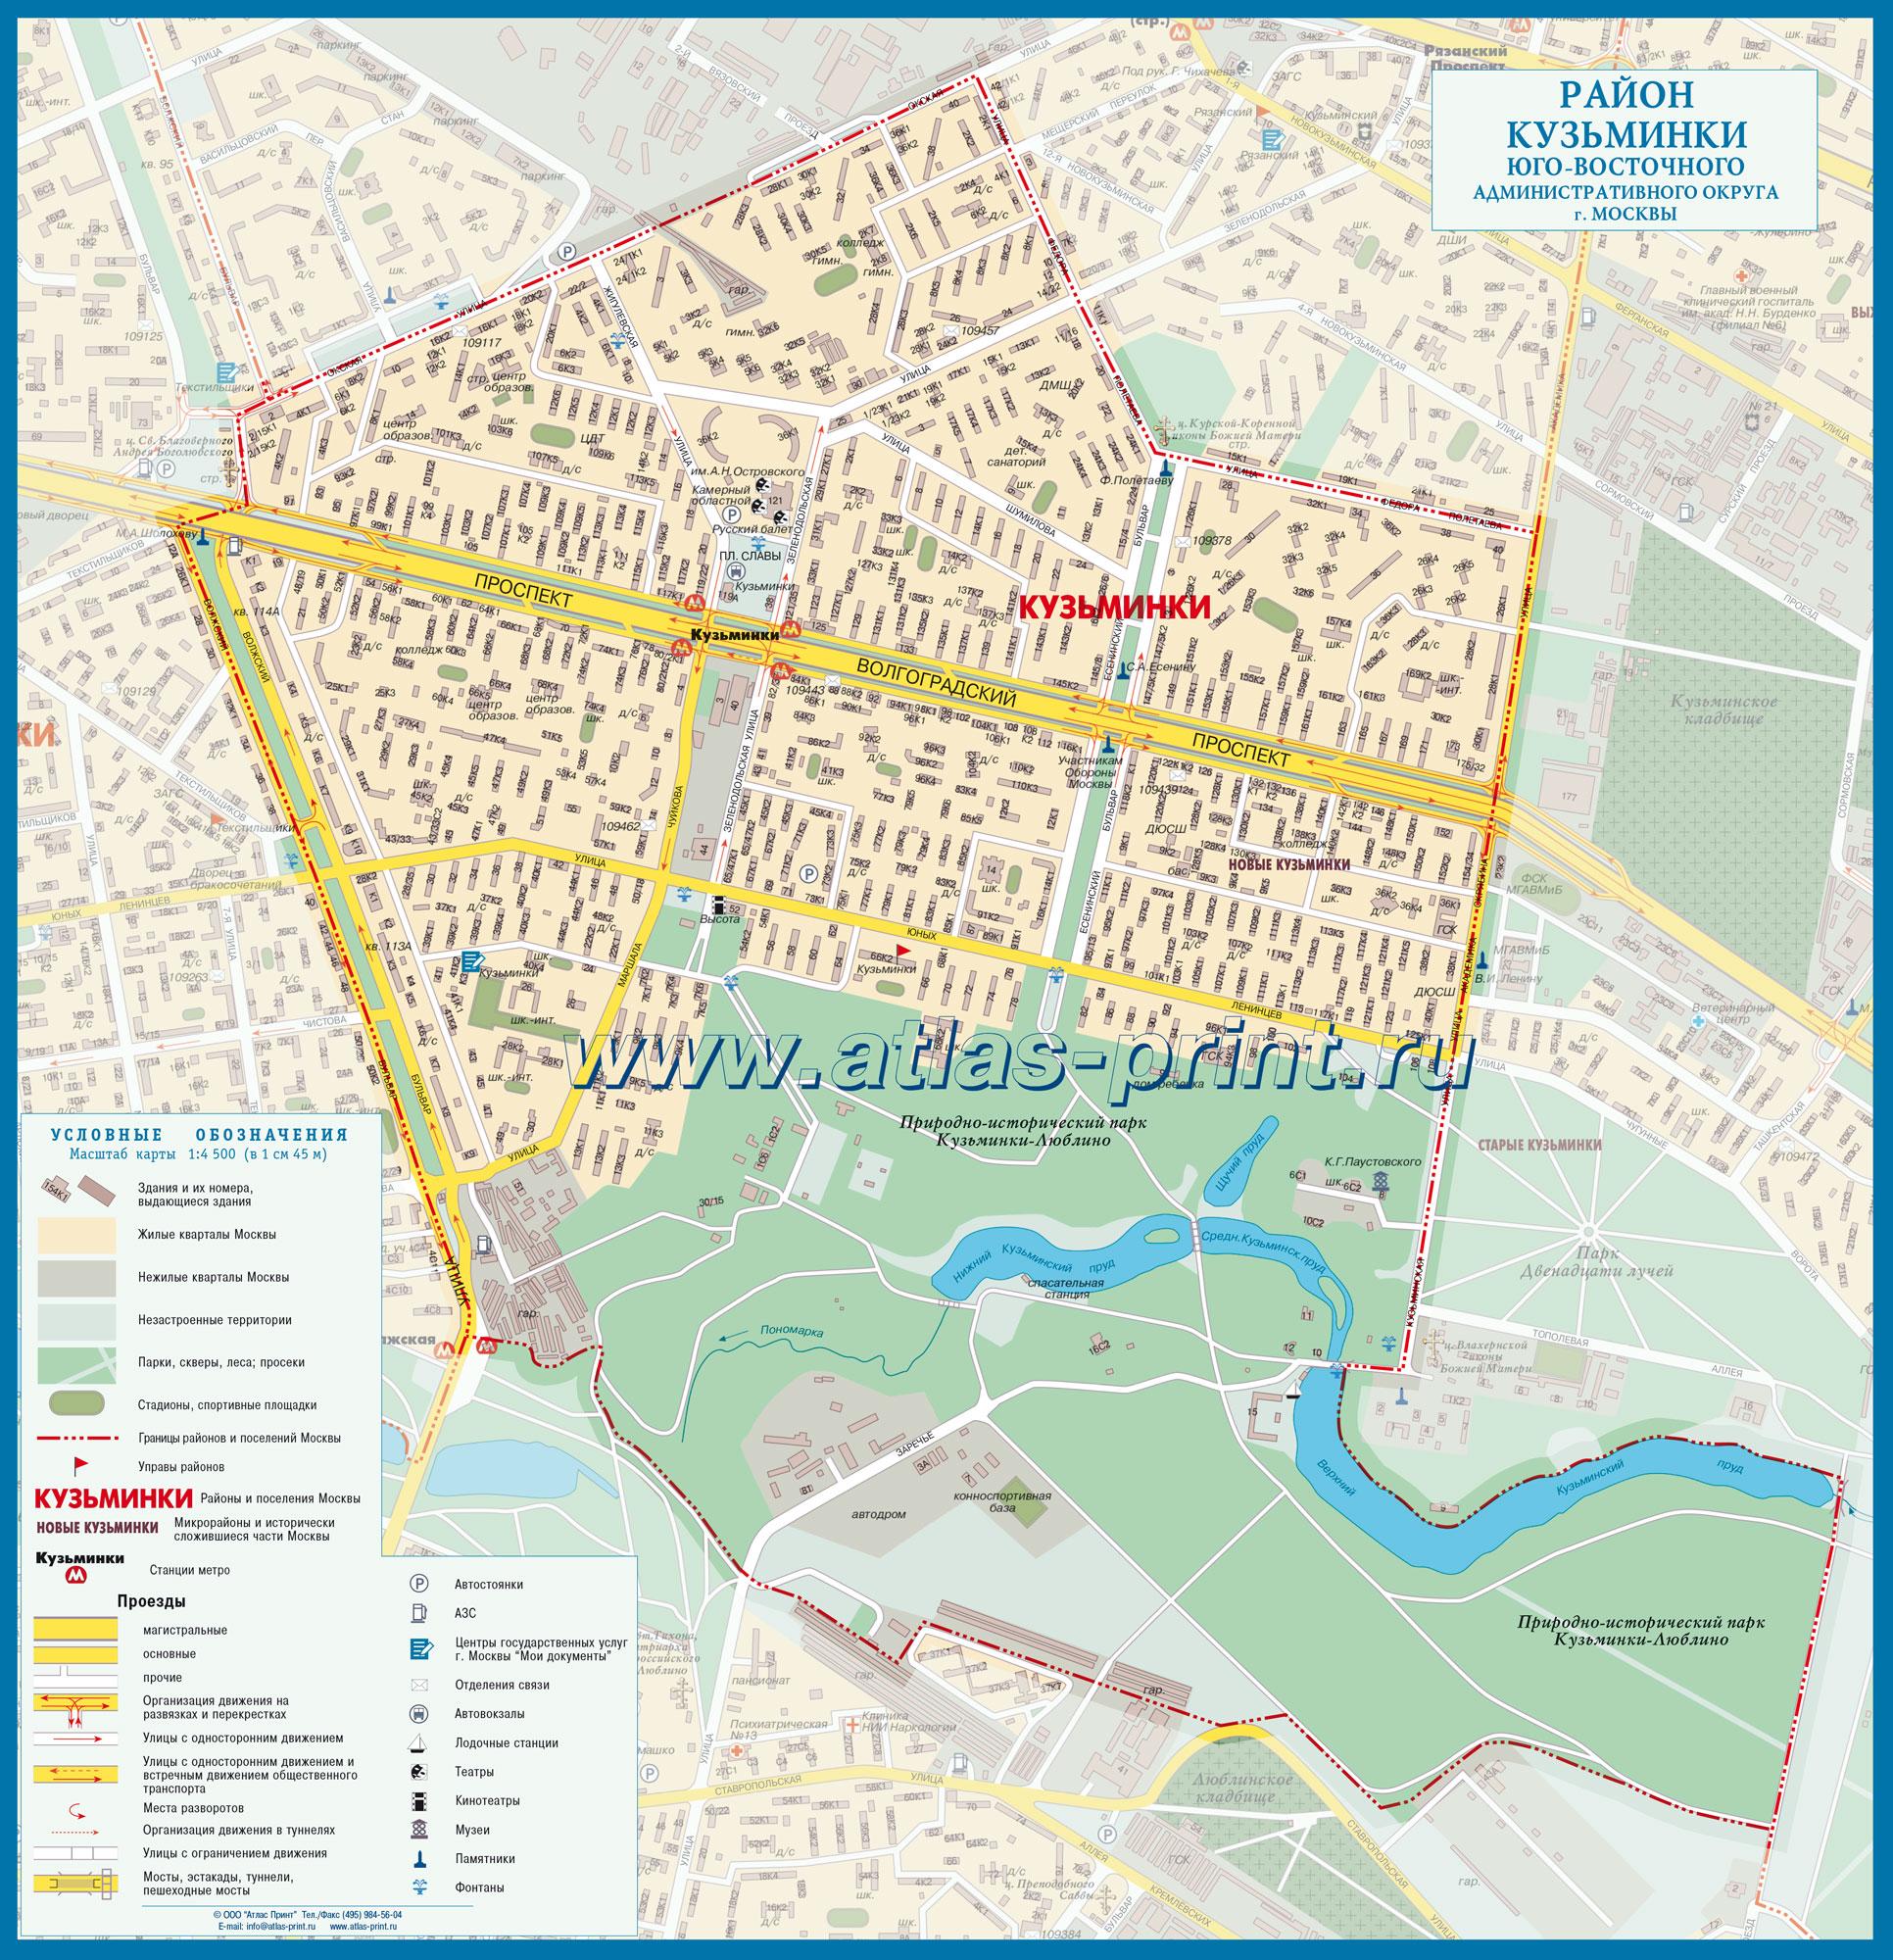 Настенная карта района КУЗЬМИНКИ (ЮВАО)  г. Москвы 0,97*1,00 м, ламинированная